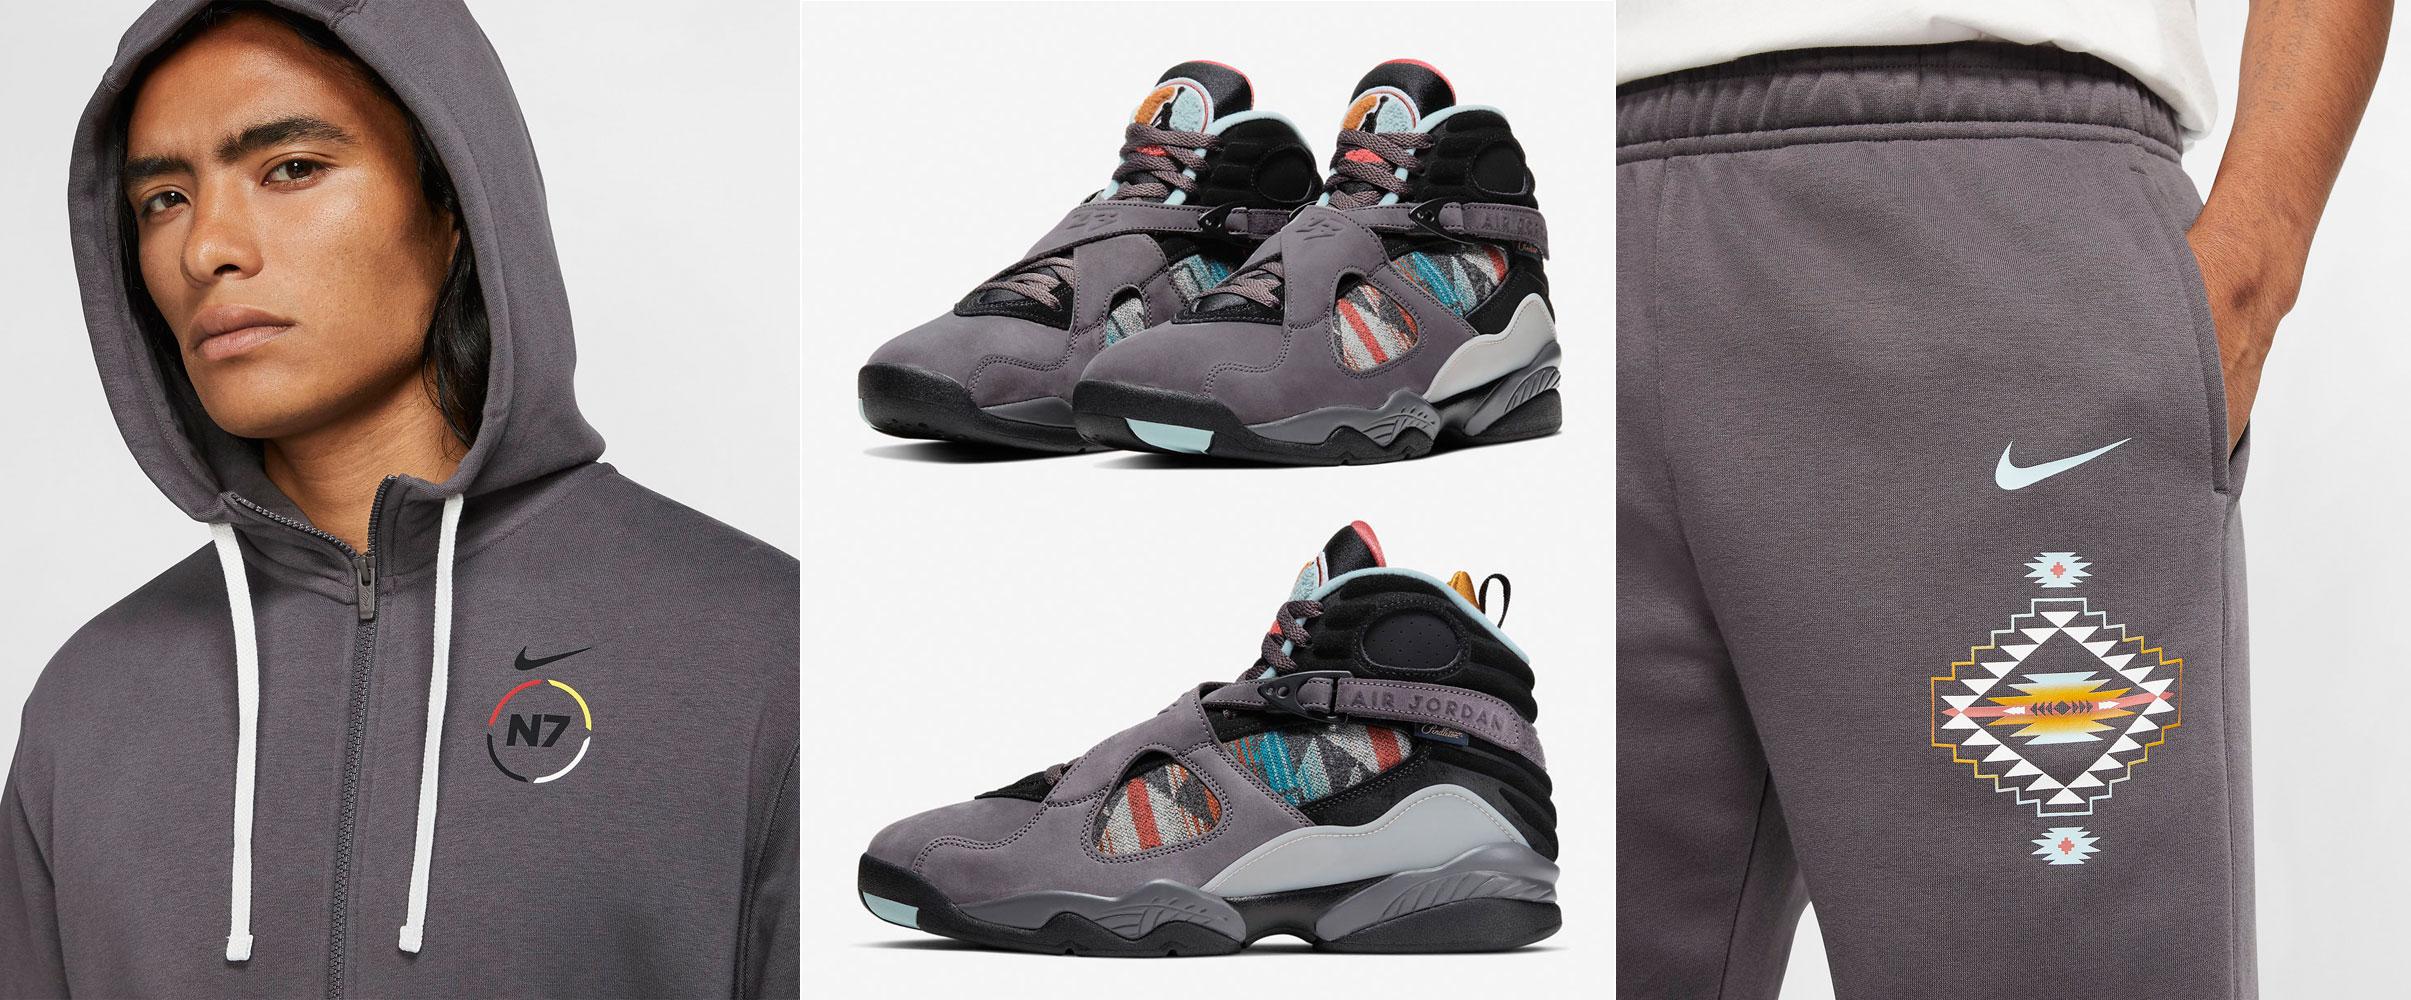 air-jordan-8-n7-pendelton-clothing-match